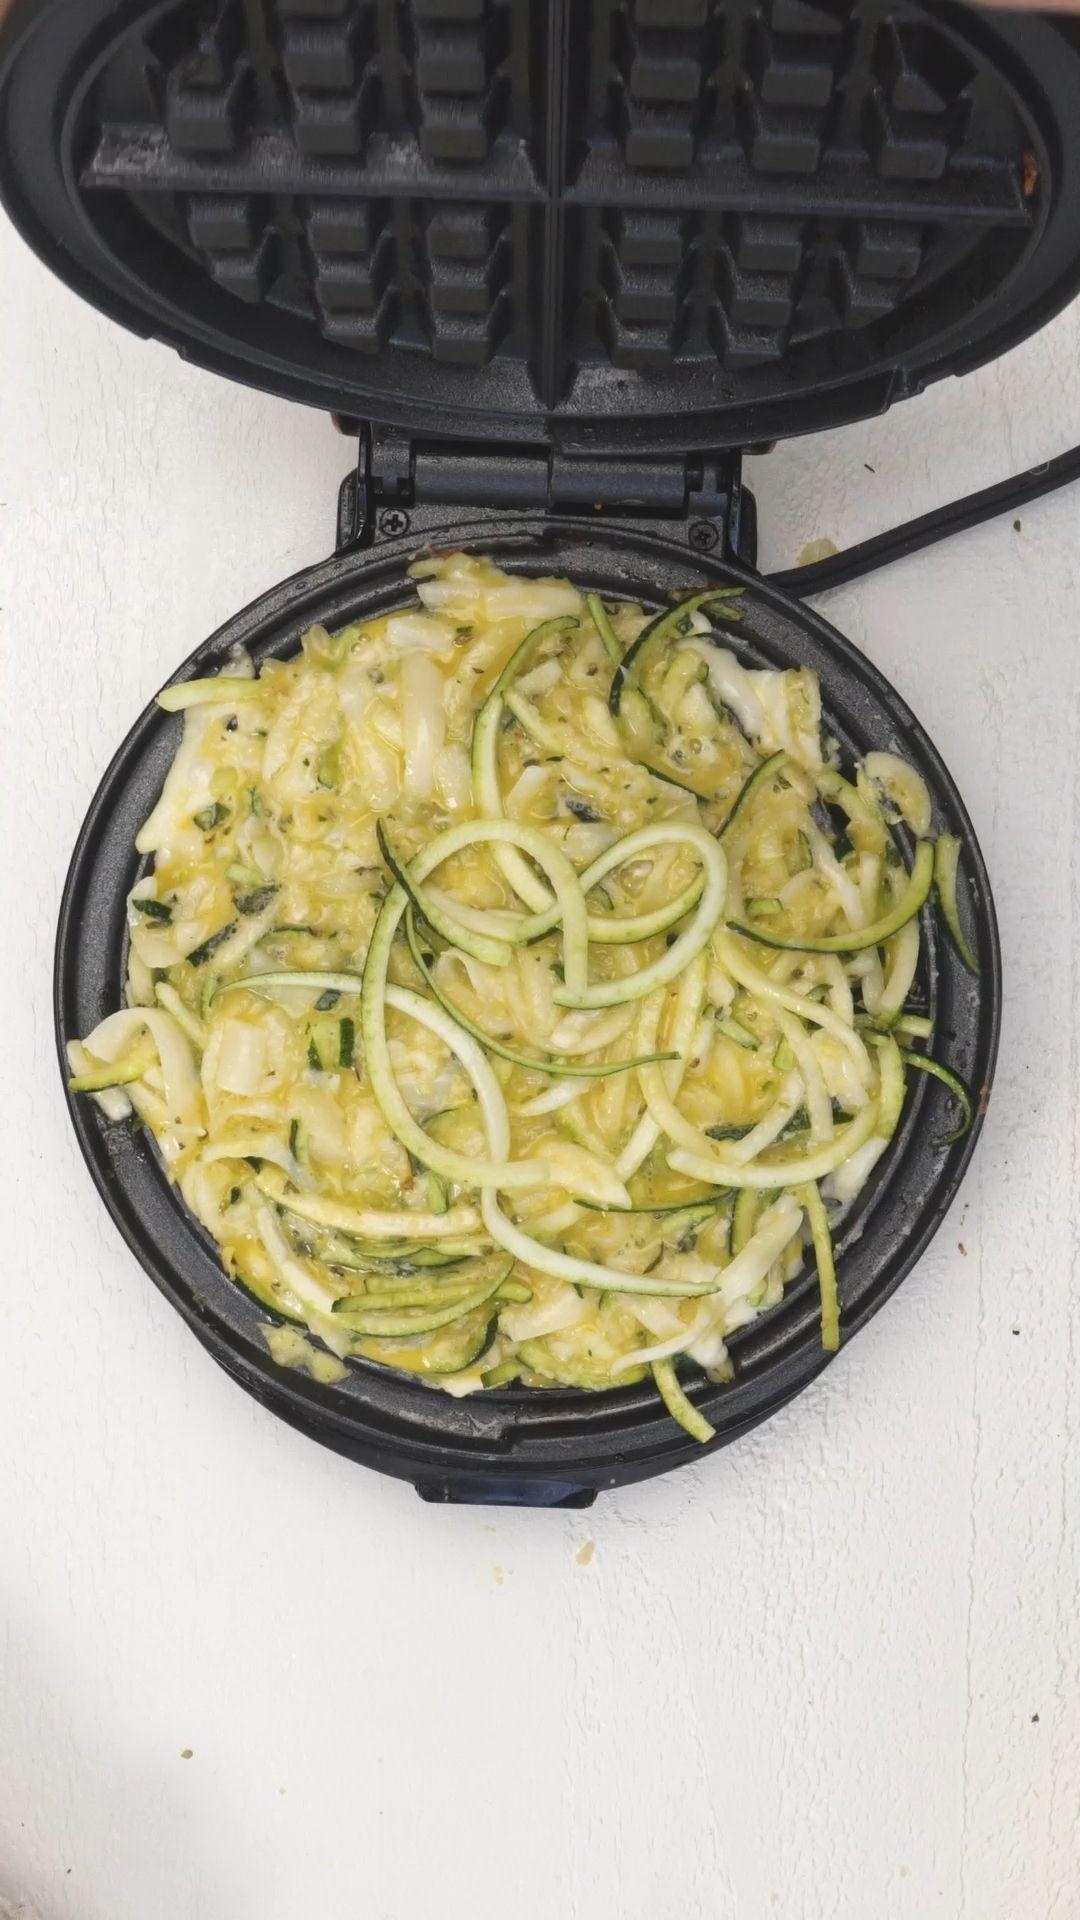 Paleo Spaghetti Waffles (Chaffles)